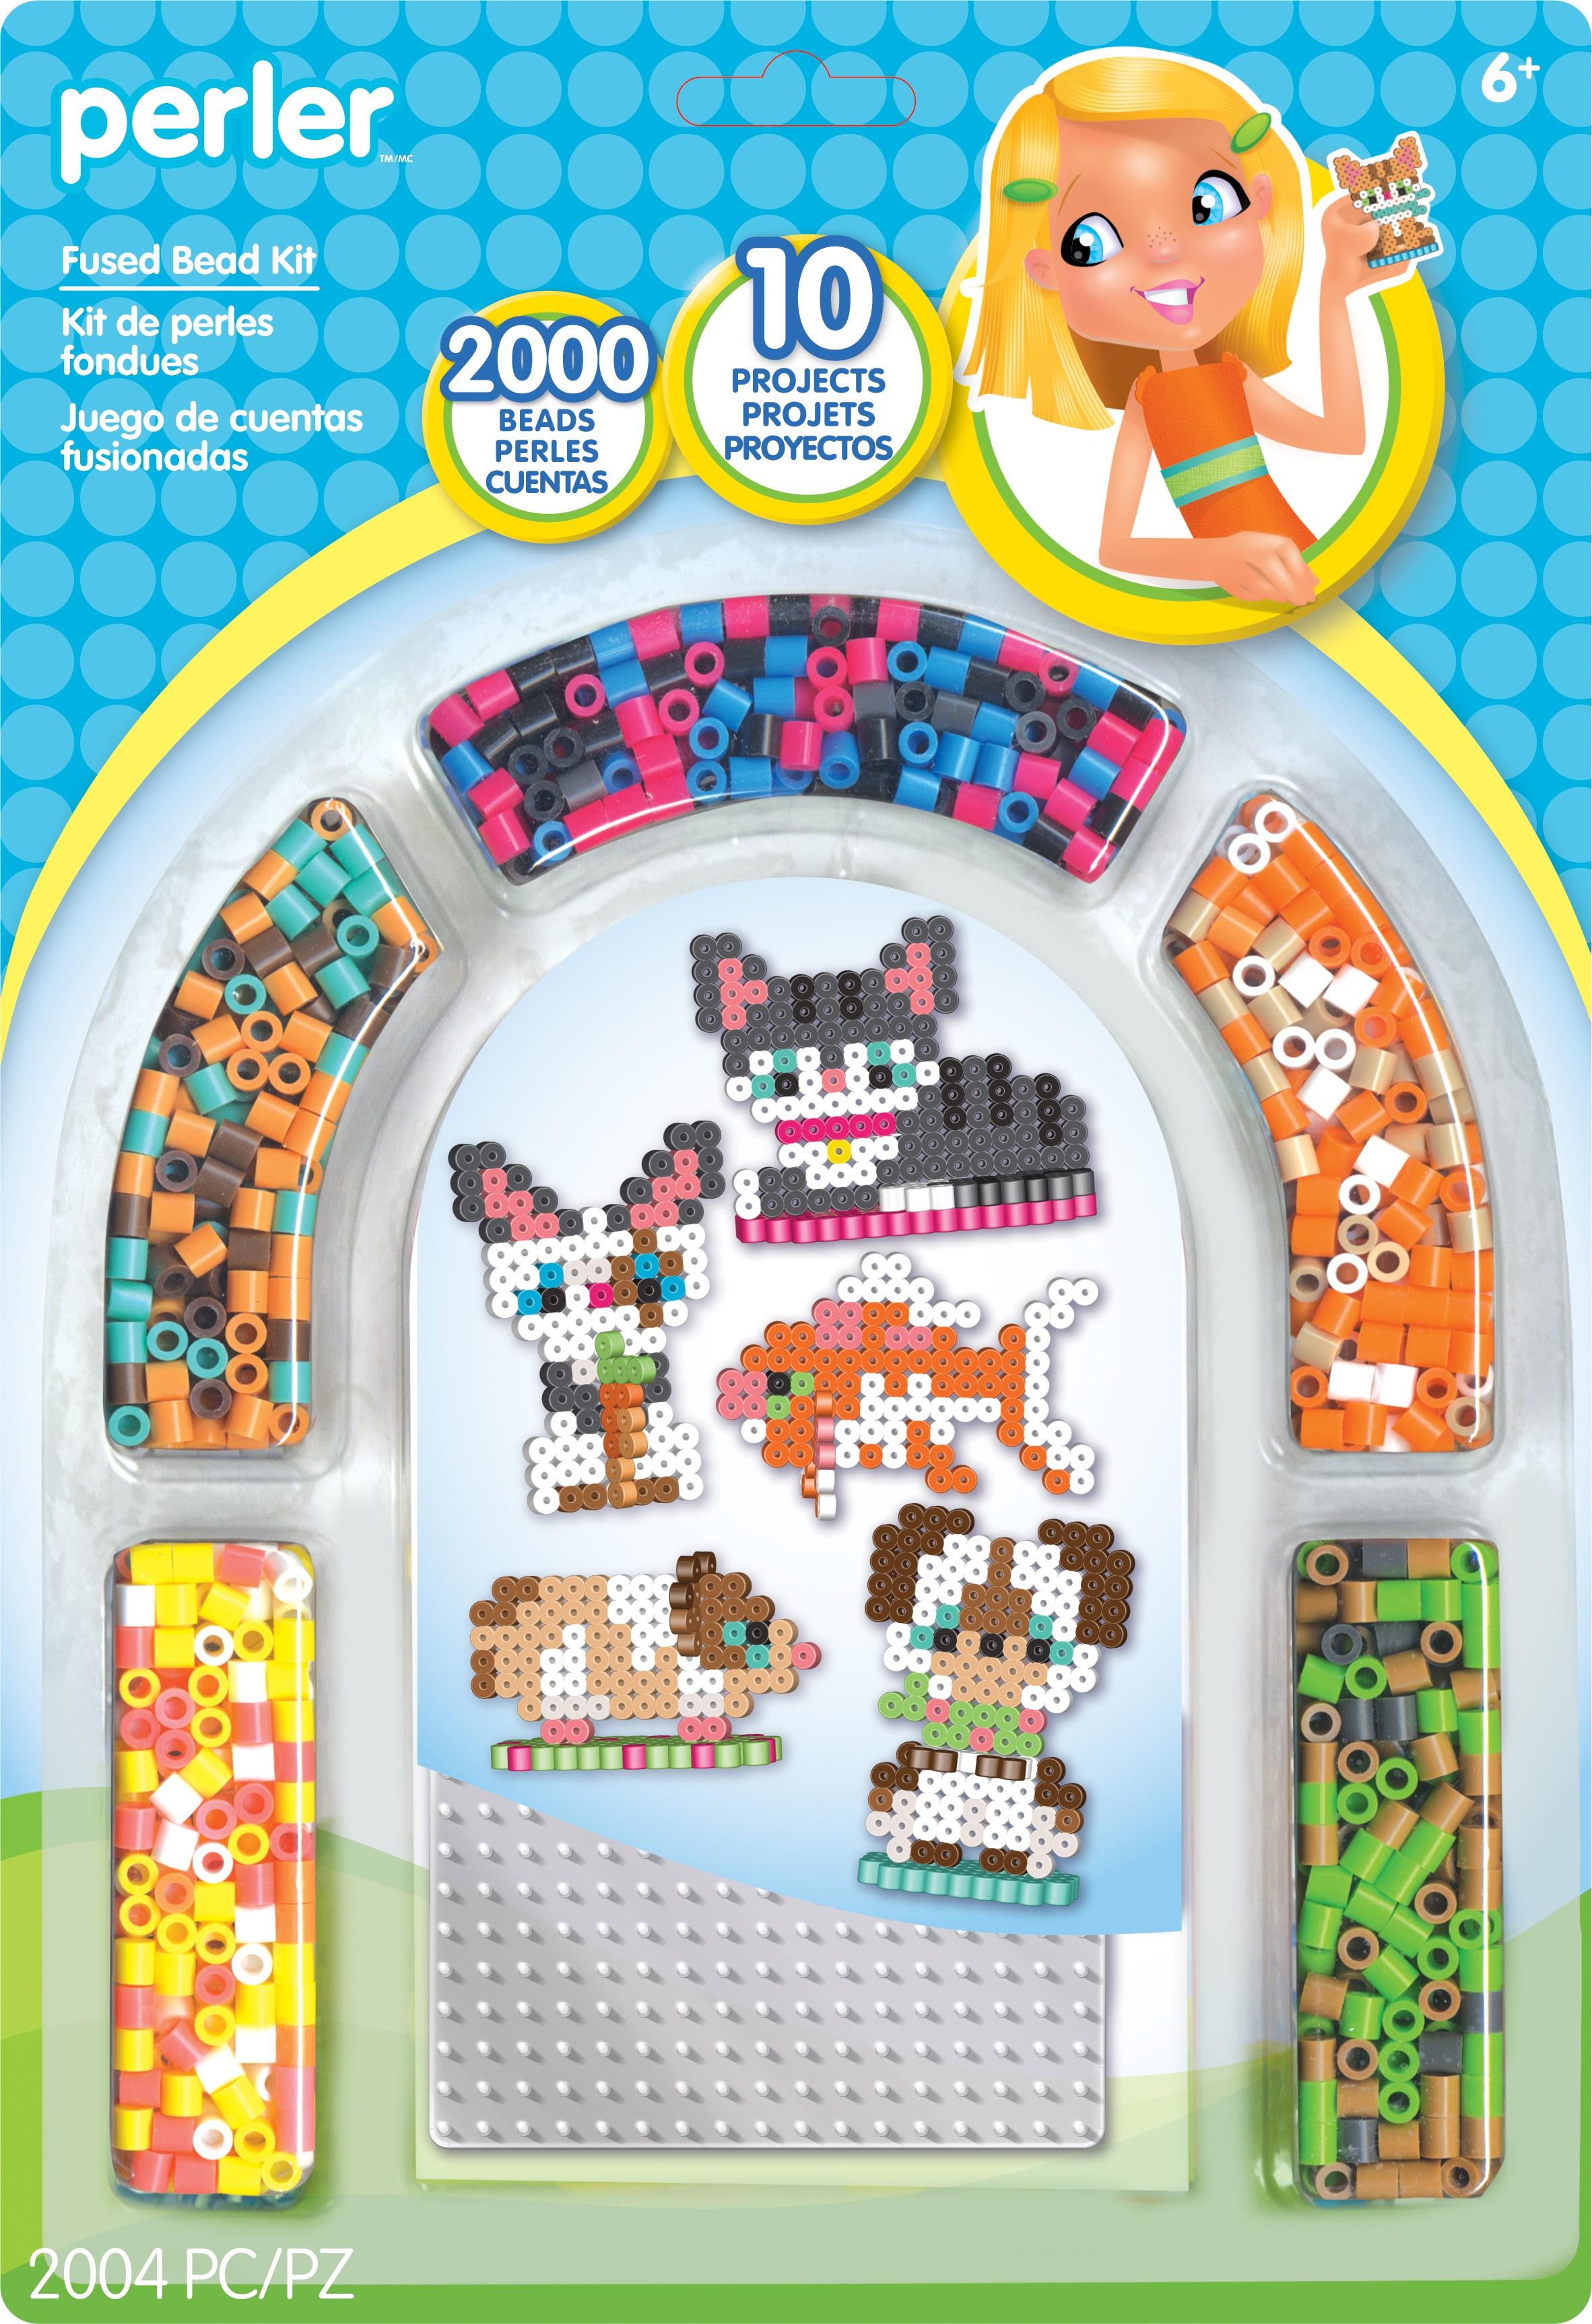 Perler Fused Bead Kit-Pets